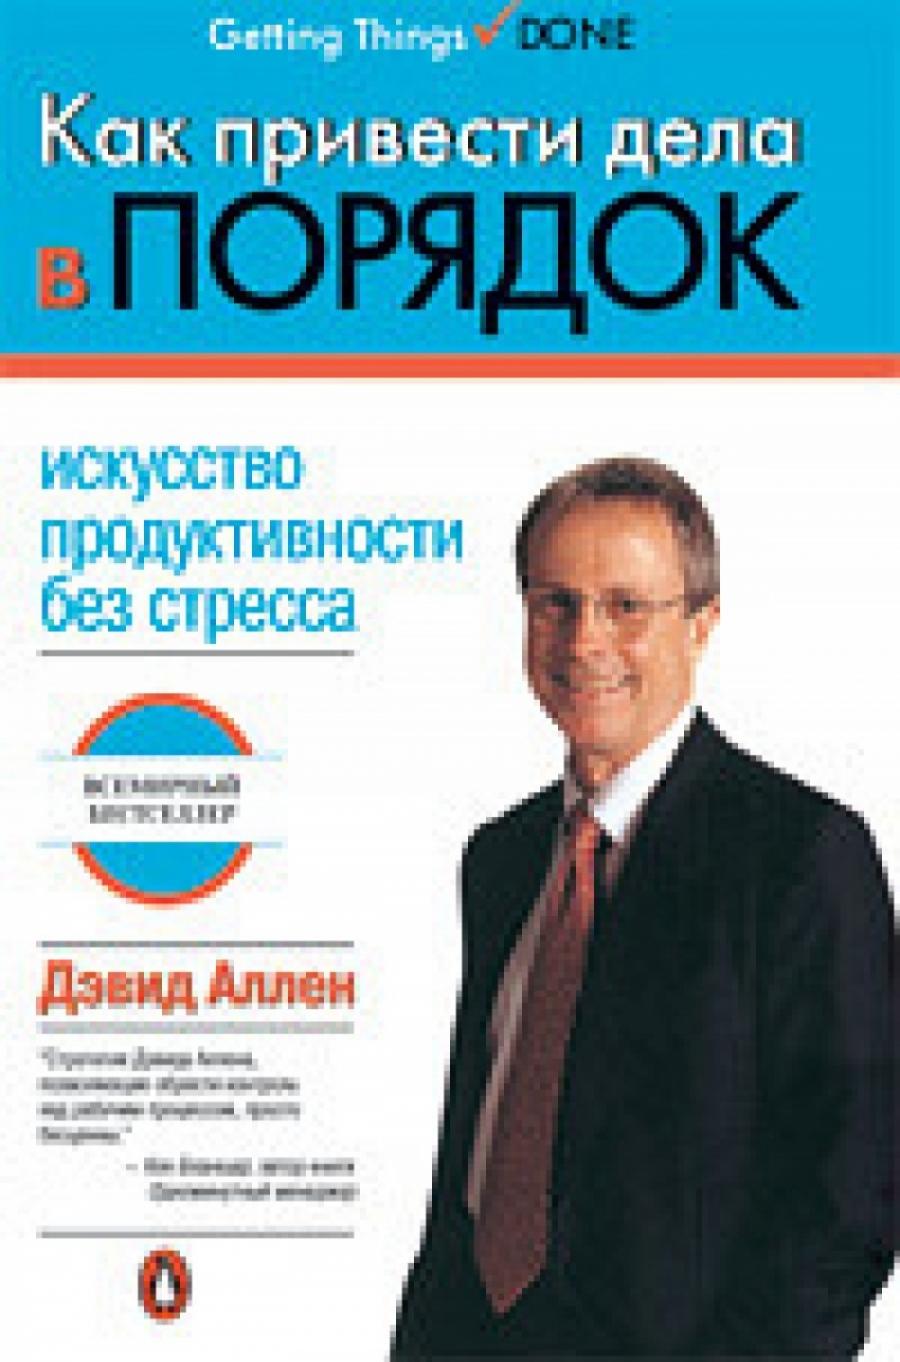 Обложка книги:  дэвид аллен - успешный бизнес - как привести дела в порядок